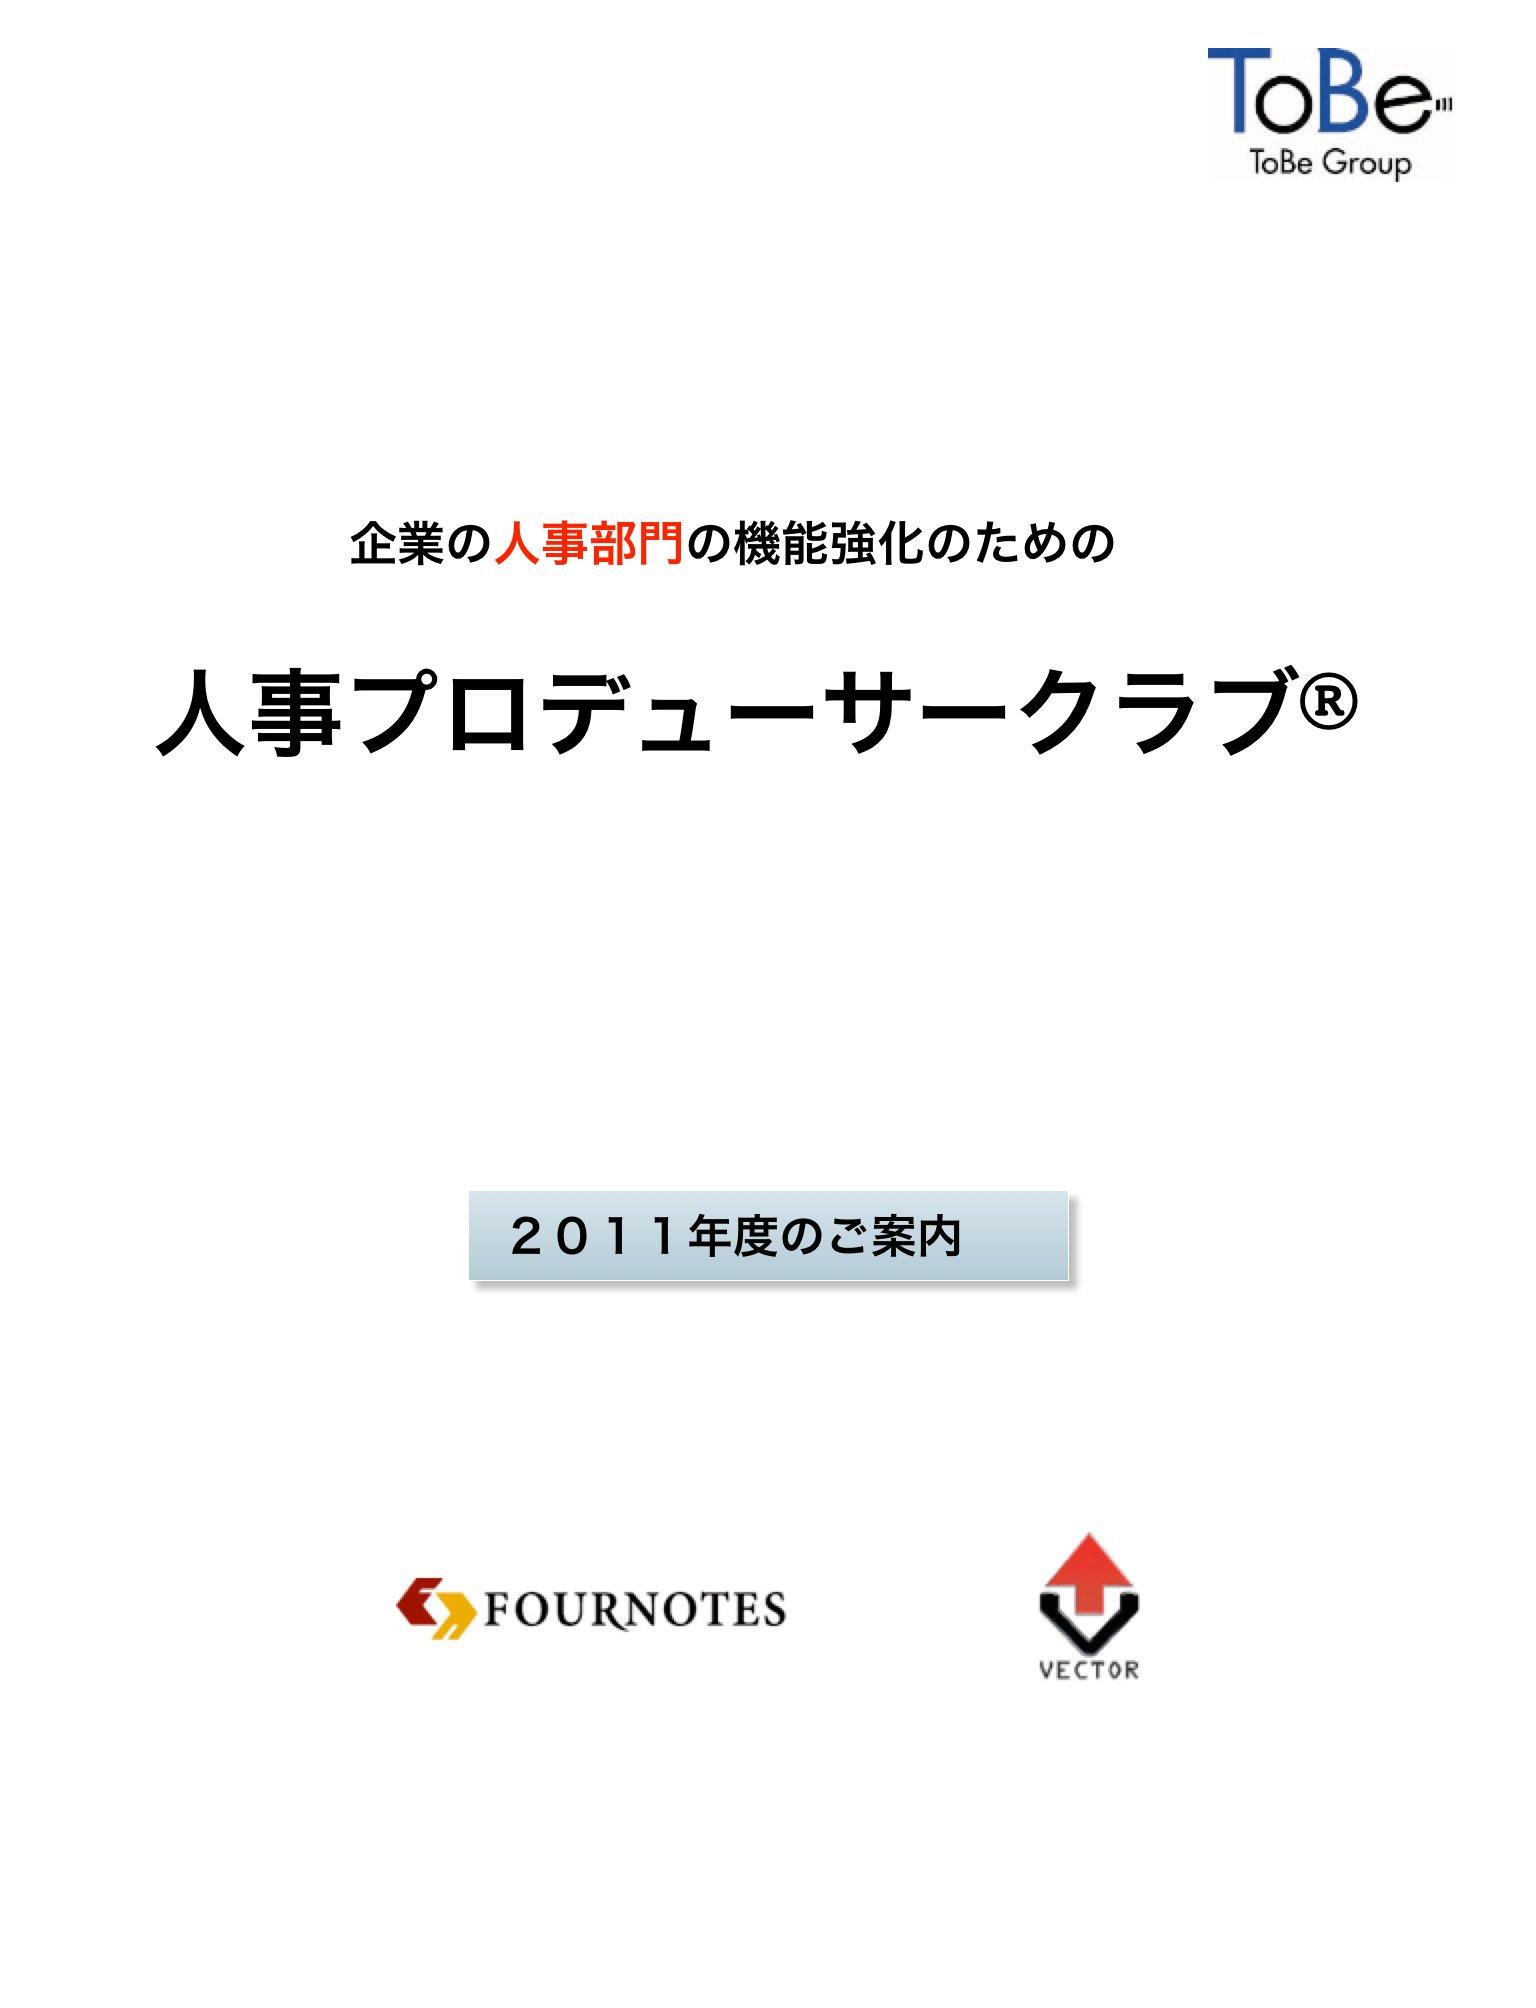 ToBe 人事プロデューサークラブ